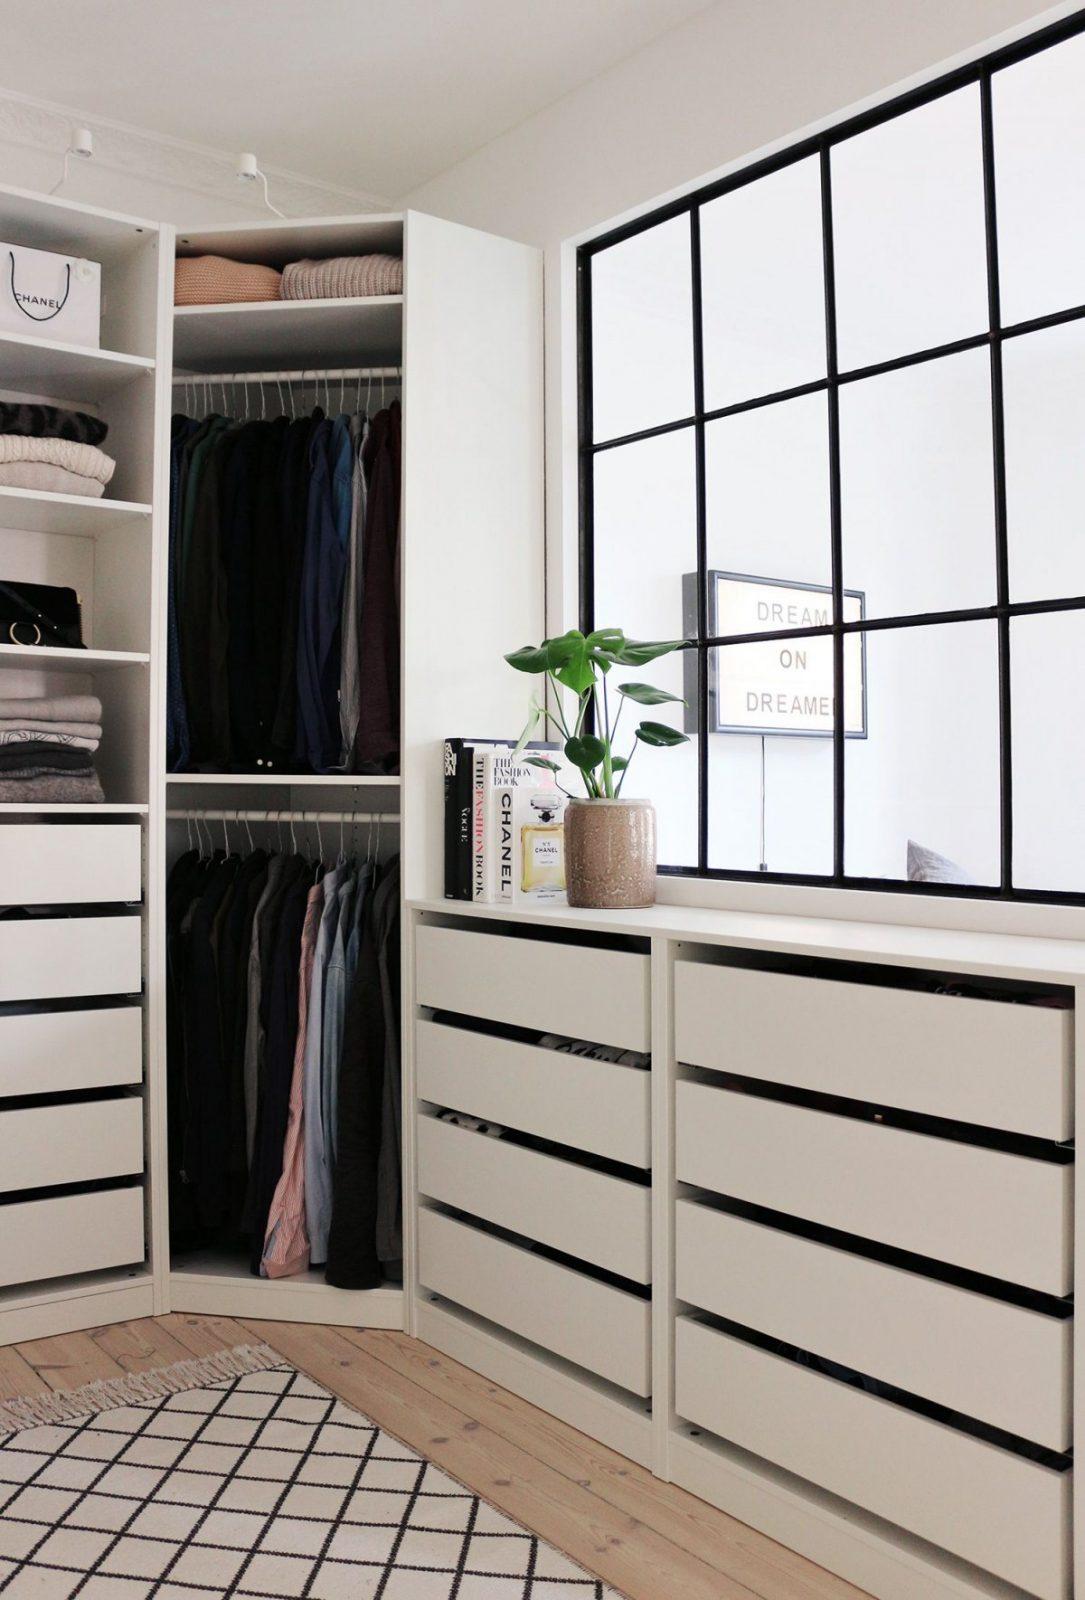 Inloopkast Van Fashionista Christina Uit Kopenhagen  Interieur von Begehbarer Kleiderschrank Ikea Pax Photo